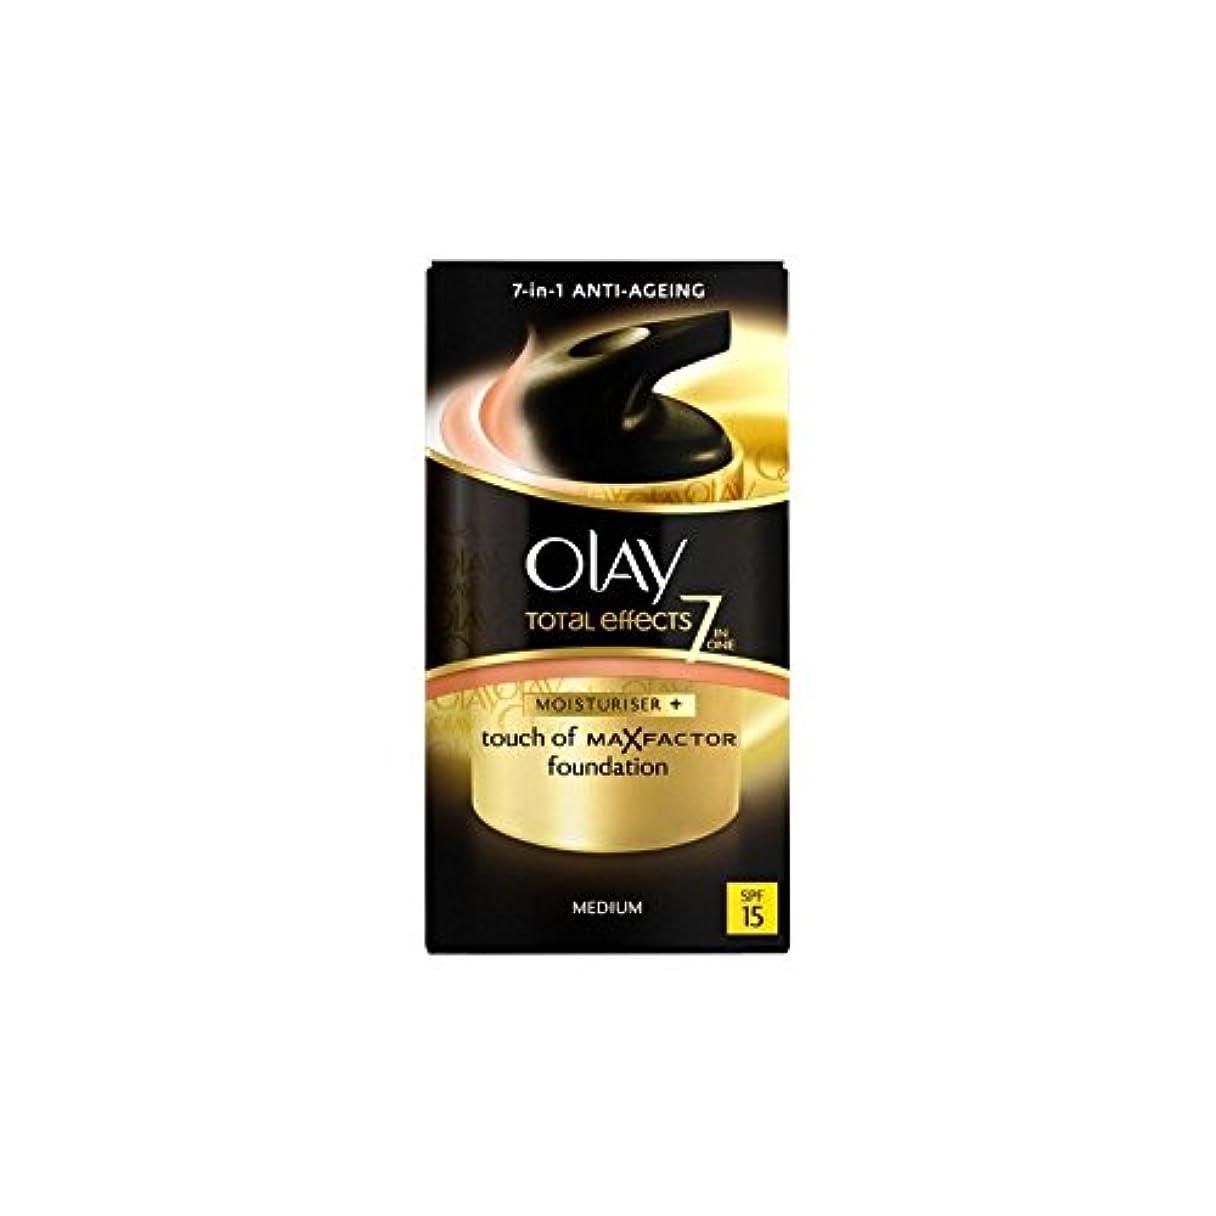 マイルスムーズにソフィーオーレイトータルエフェクト保湿クリーム15 - 培地(50ミリリットル) x2 - Olay Total Effects Moisturiser Bb Cream Spf15 - Medium (50ml) (Pack...